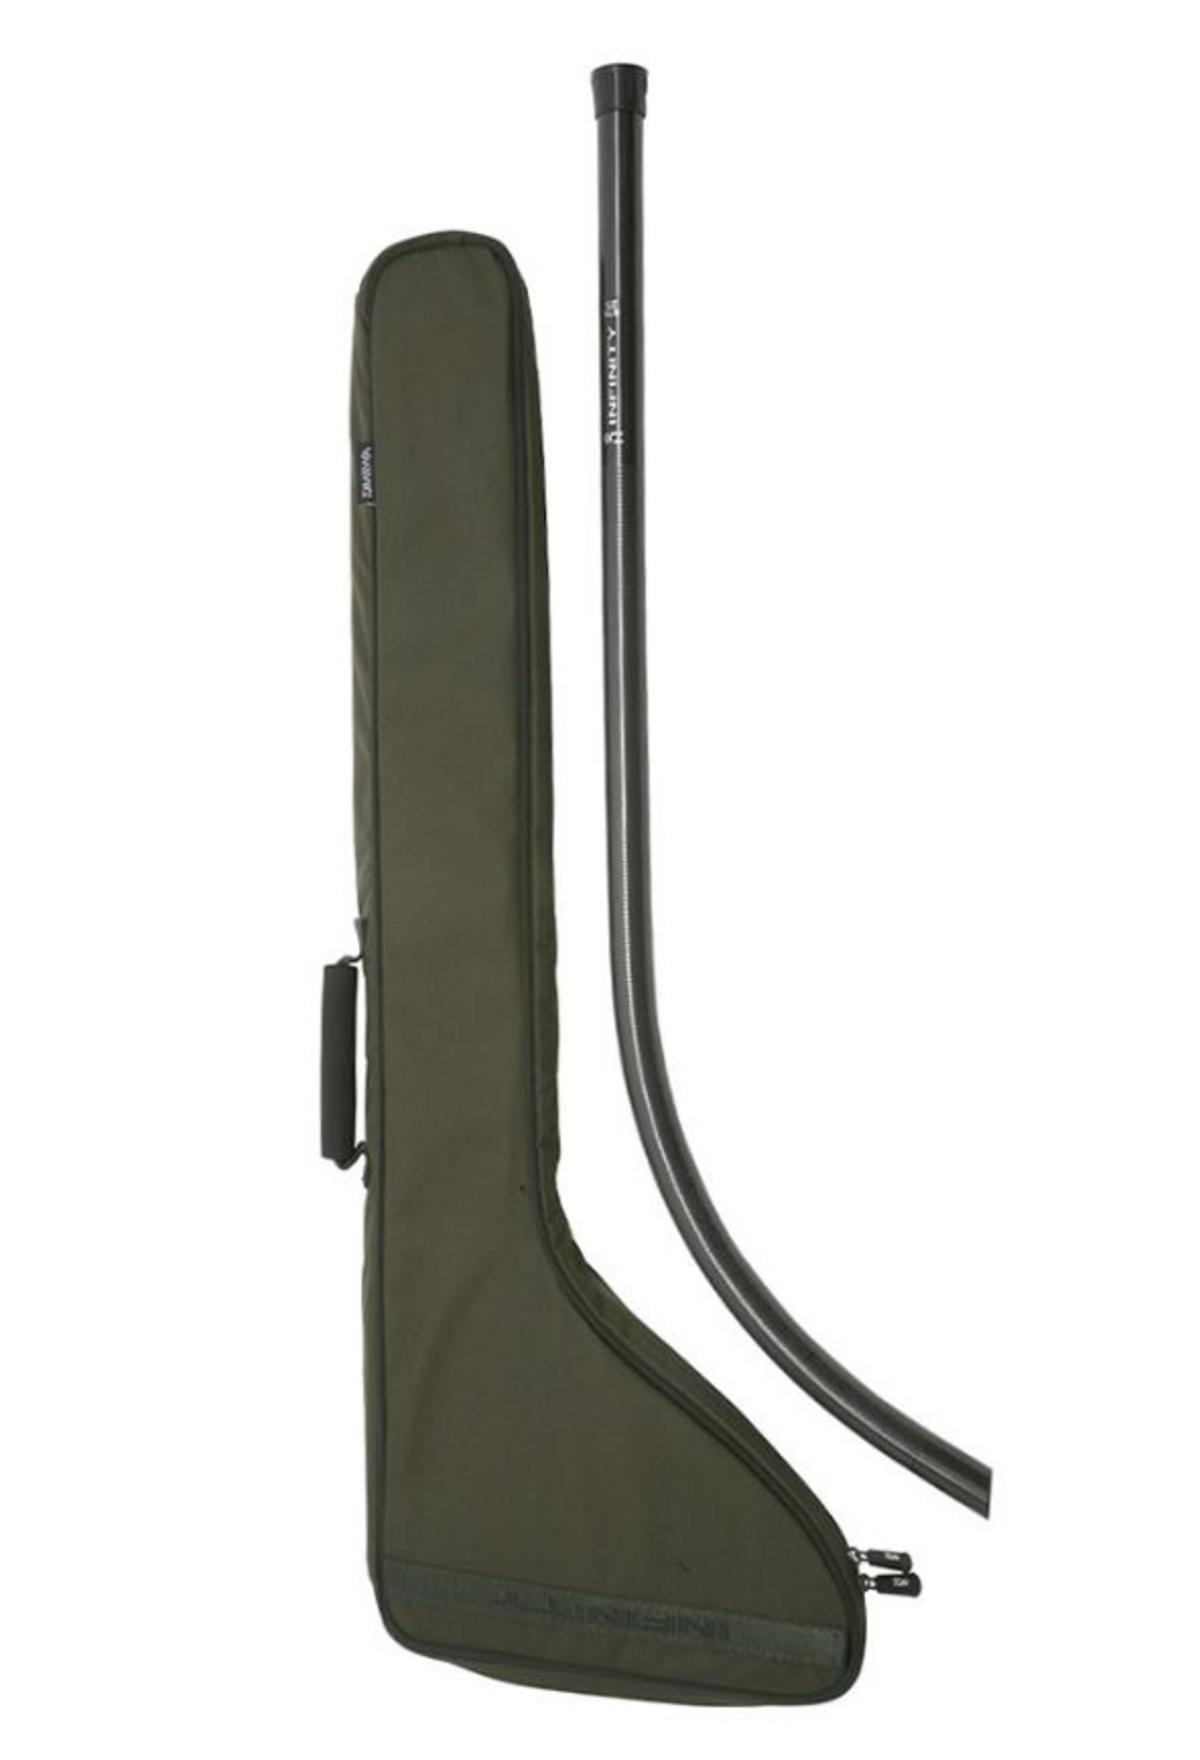 New Daiwa Infinity Evo Throwing Stick 22mm Model No. IETS22-AU